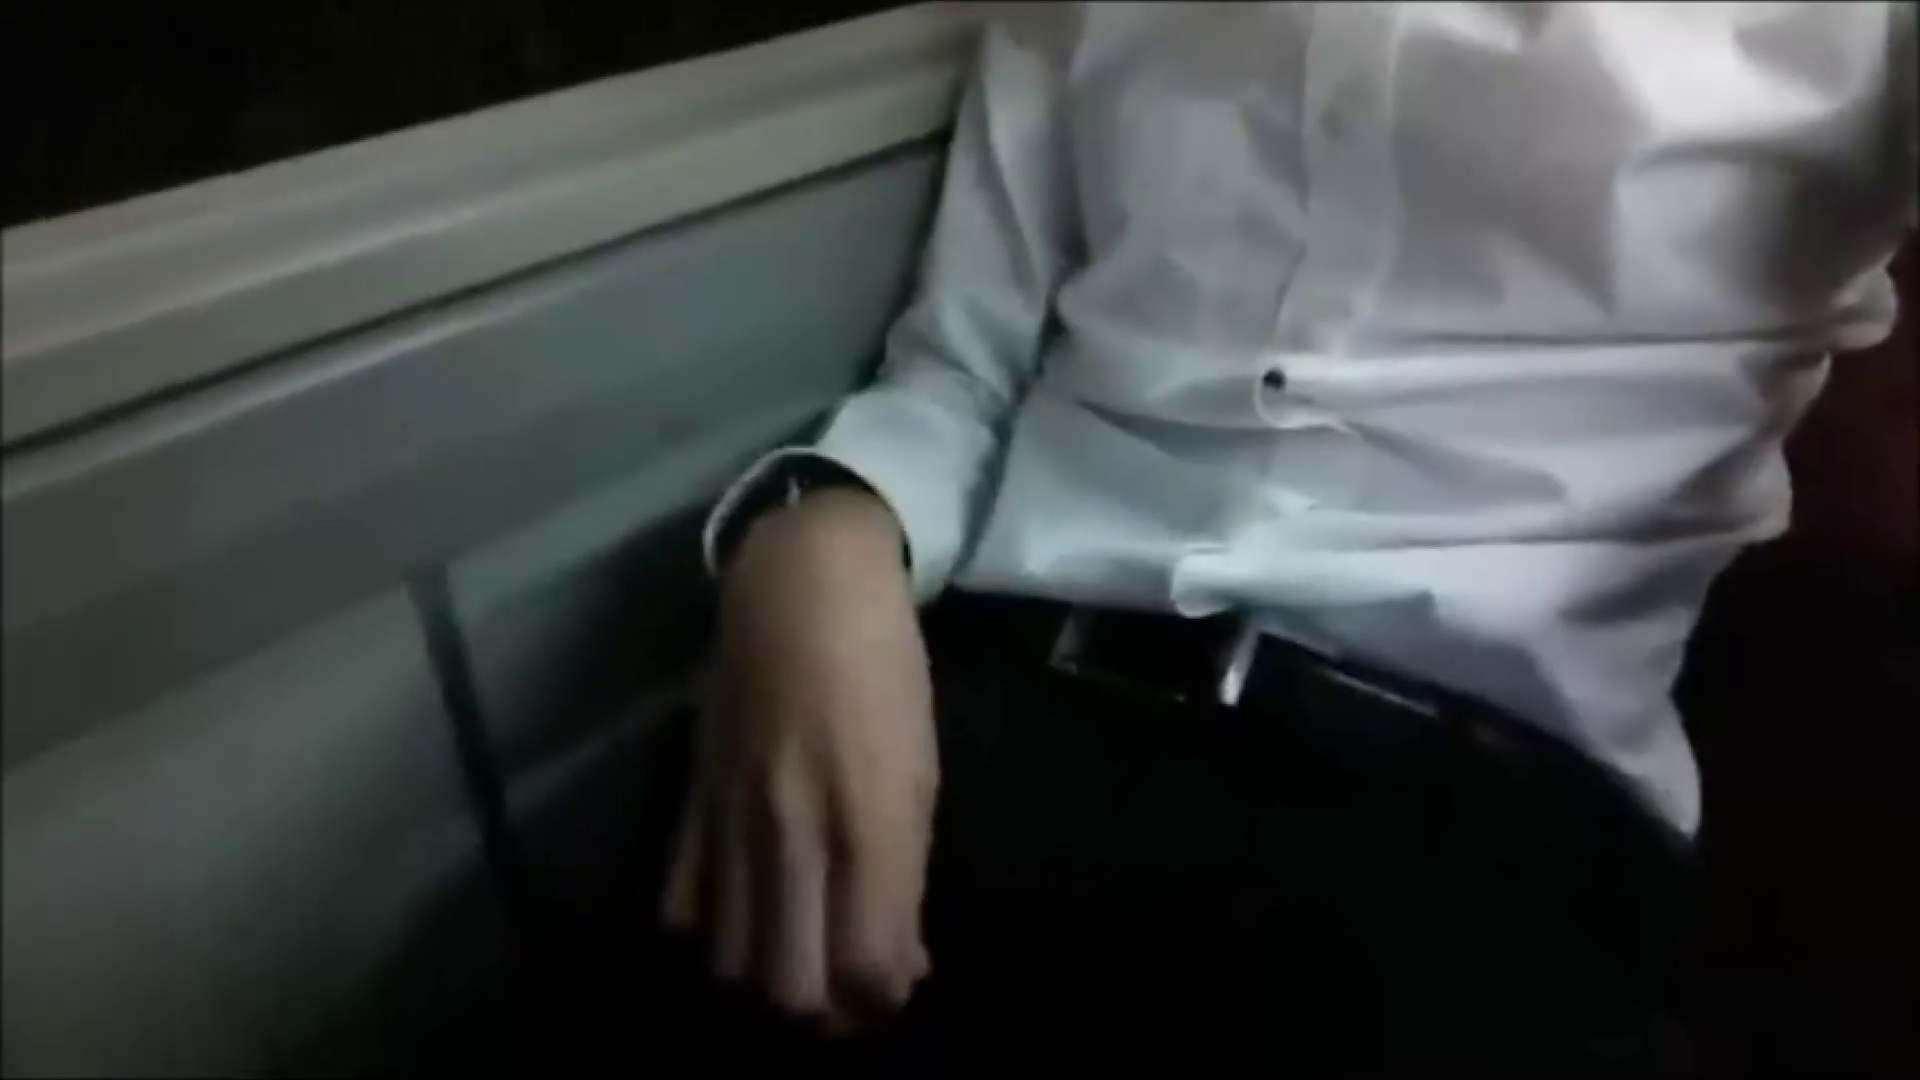 巨根 オナニー塾Vol.13 野外露出 ゲイ素人エロ画像 102枚 7